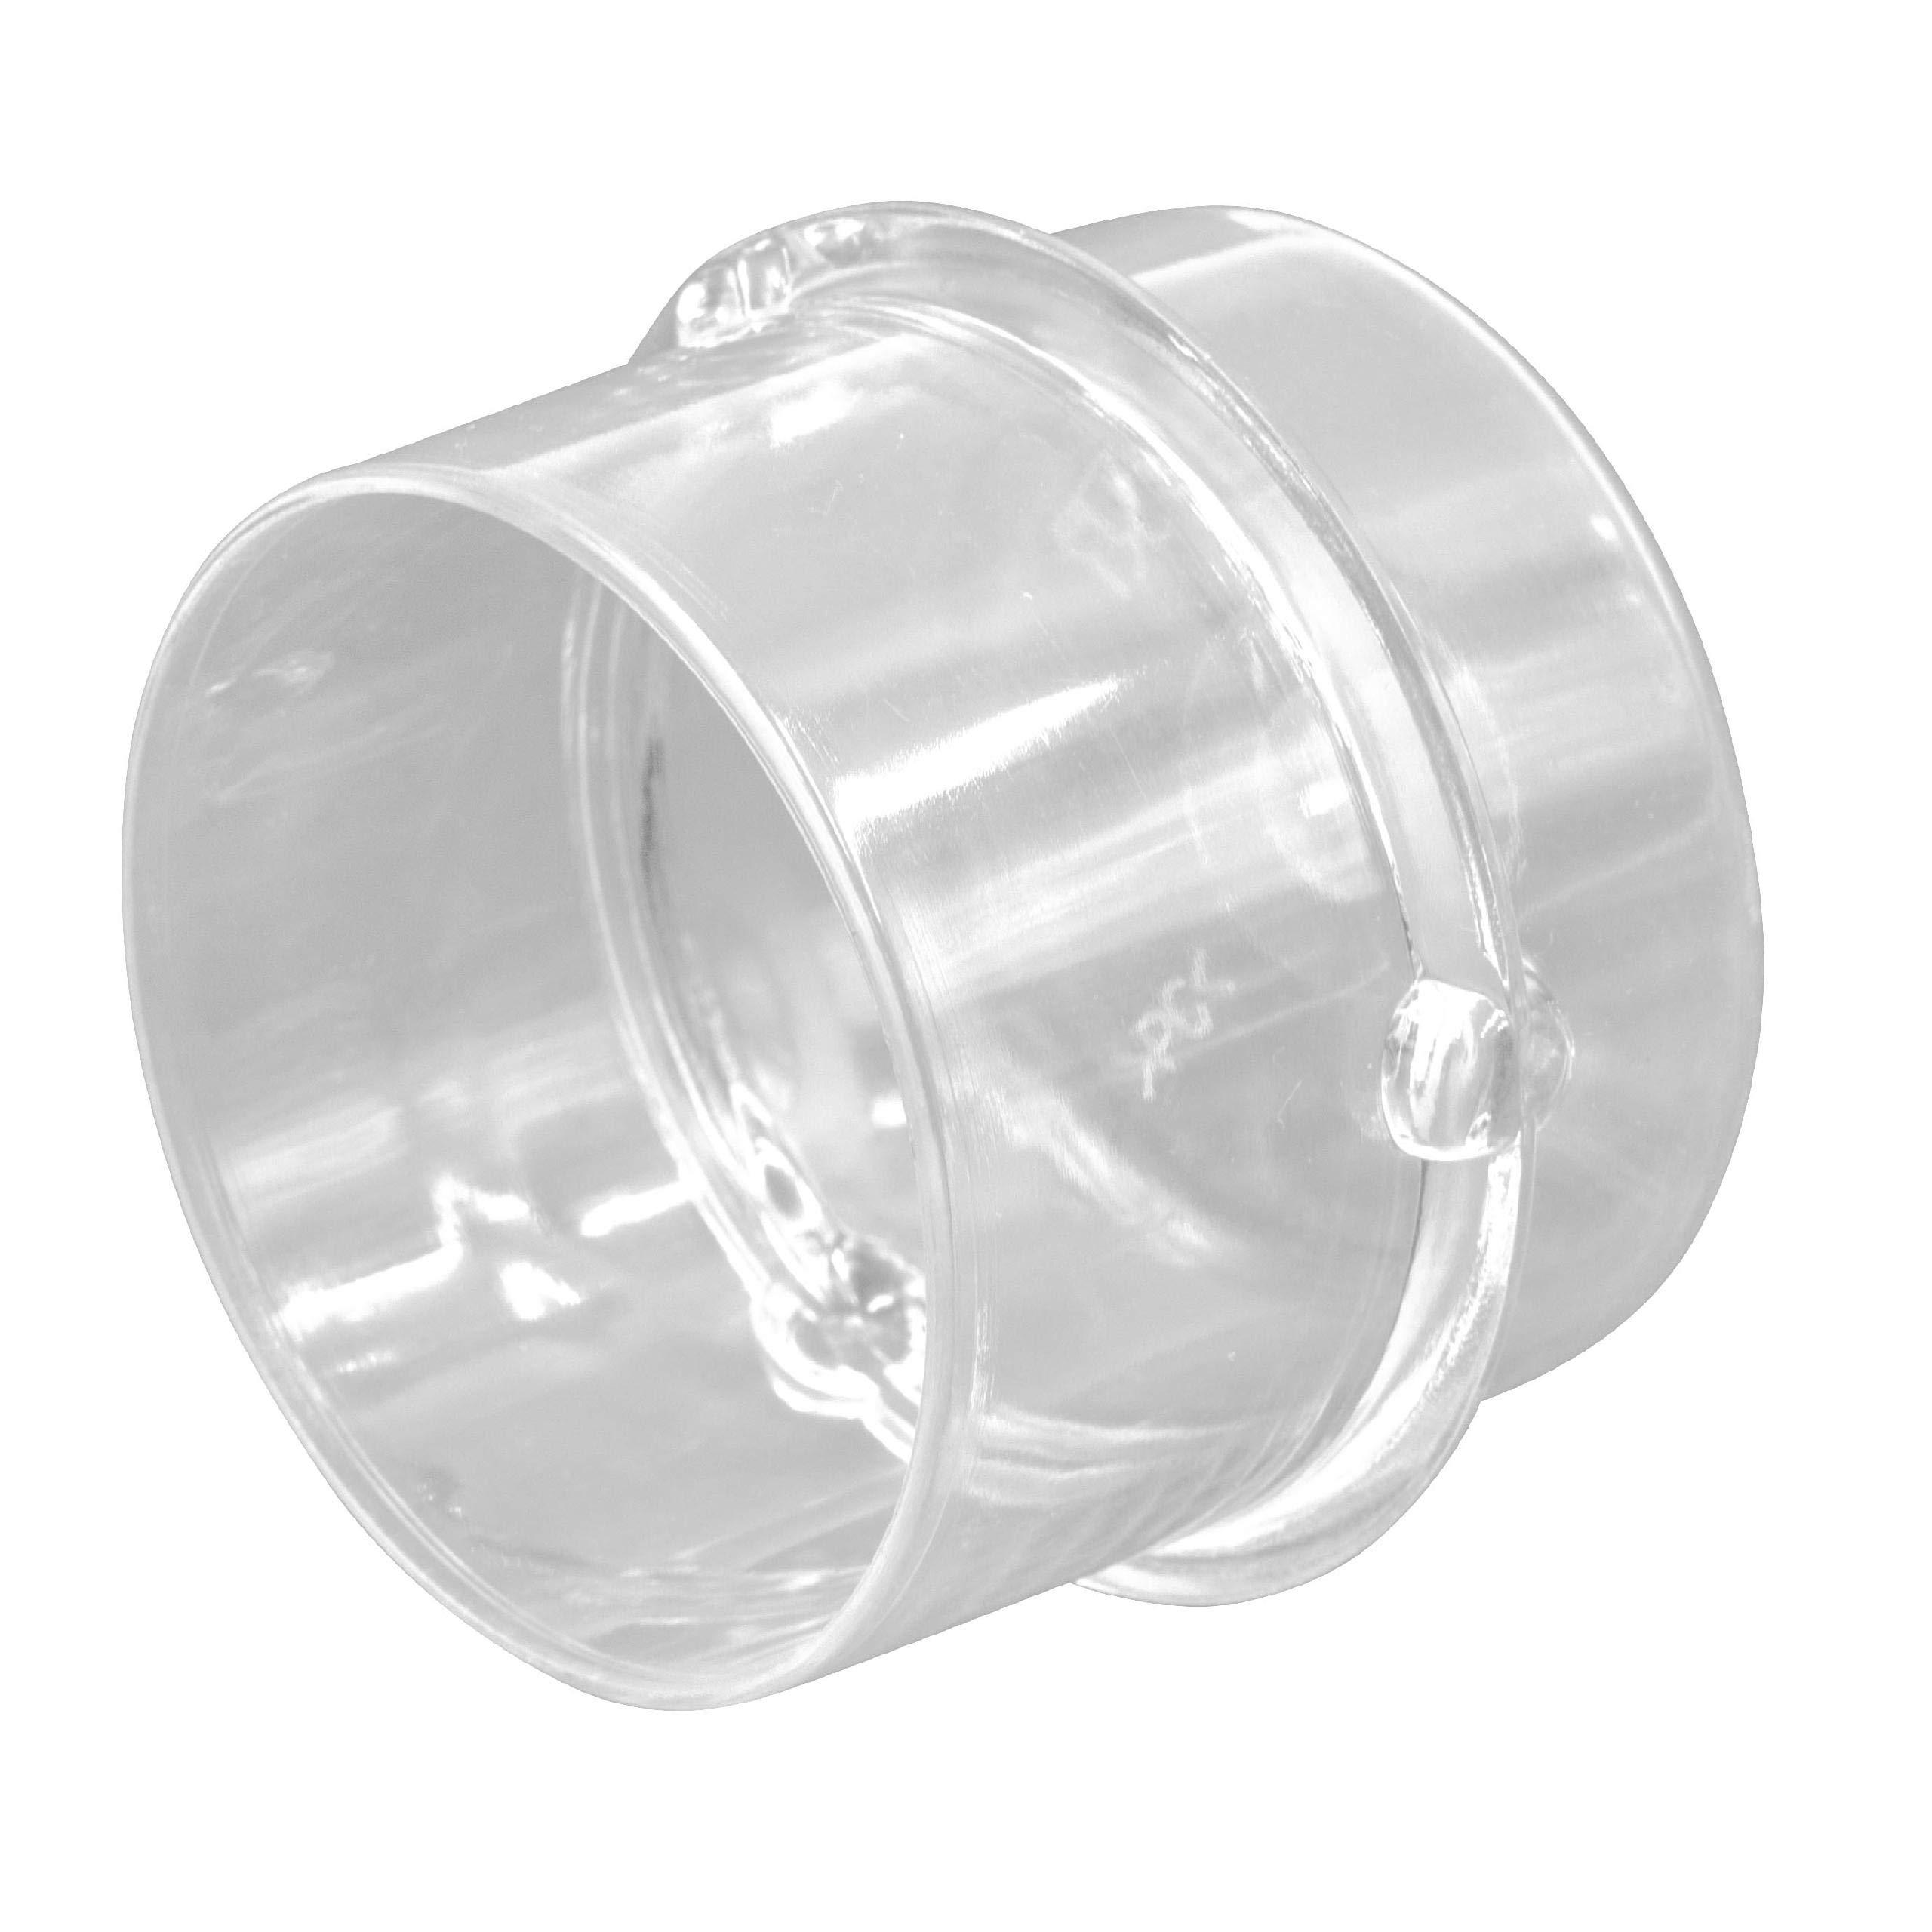 vhbw Cubilete medidor, tapa de cierre adecuada para Vorwerk Thermomix TM21, TM31, TM3300, TM5, TM6 robot de cocina: Amazon.es: Hogar